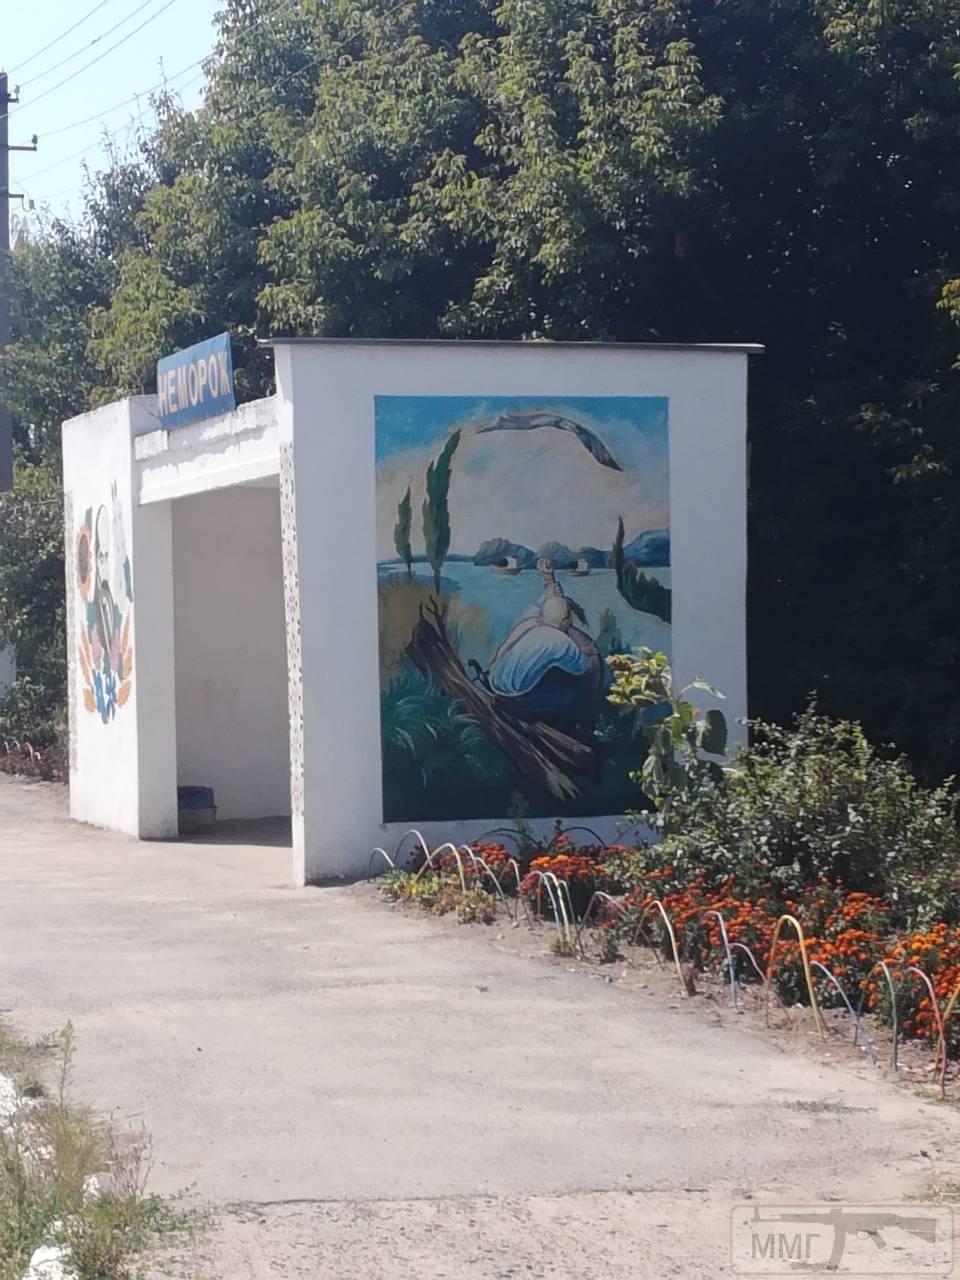 68311 - Мальовнича Україна.